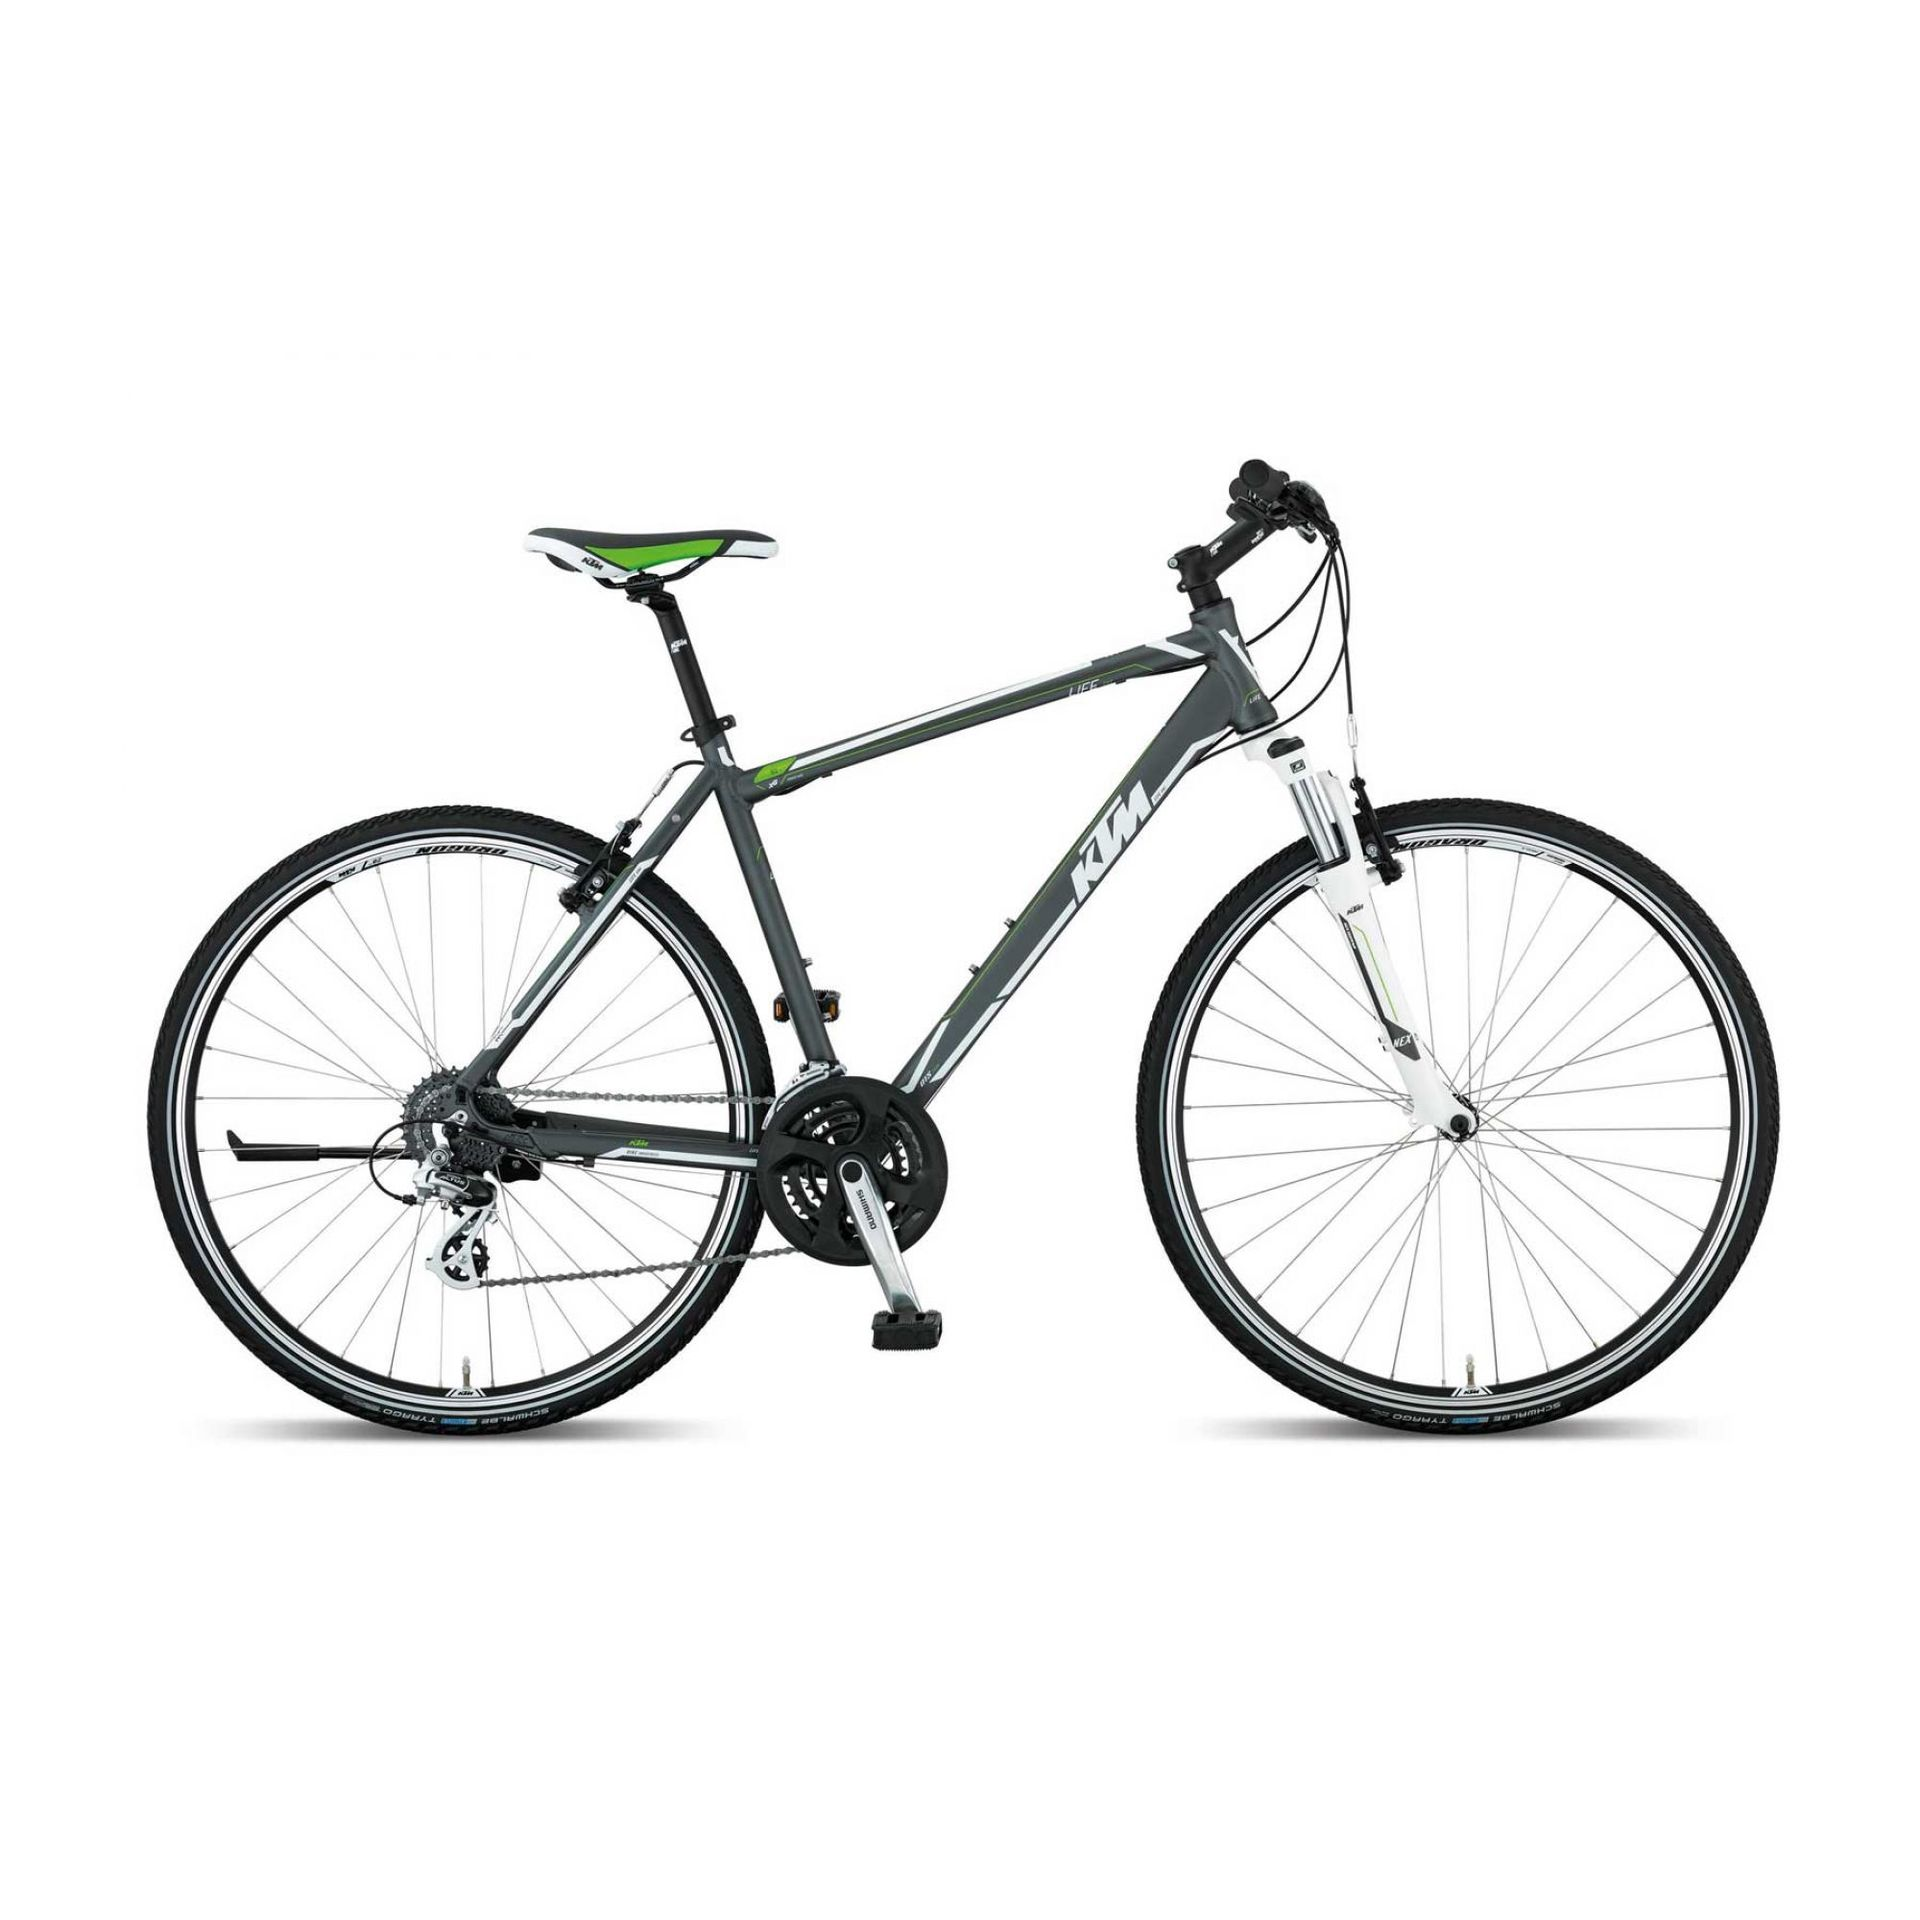 Rower Ktm Life One szary biały zielony